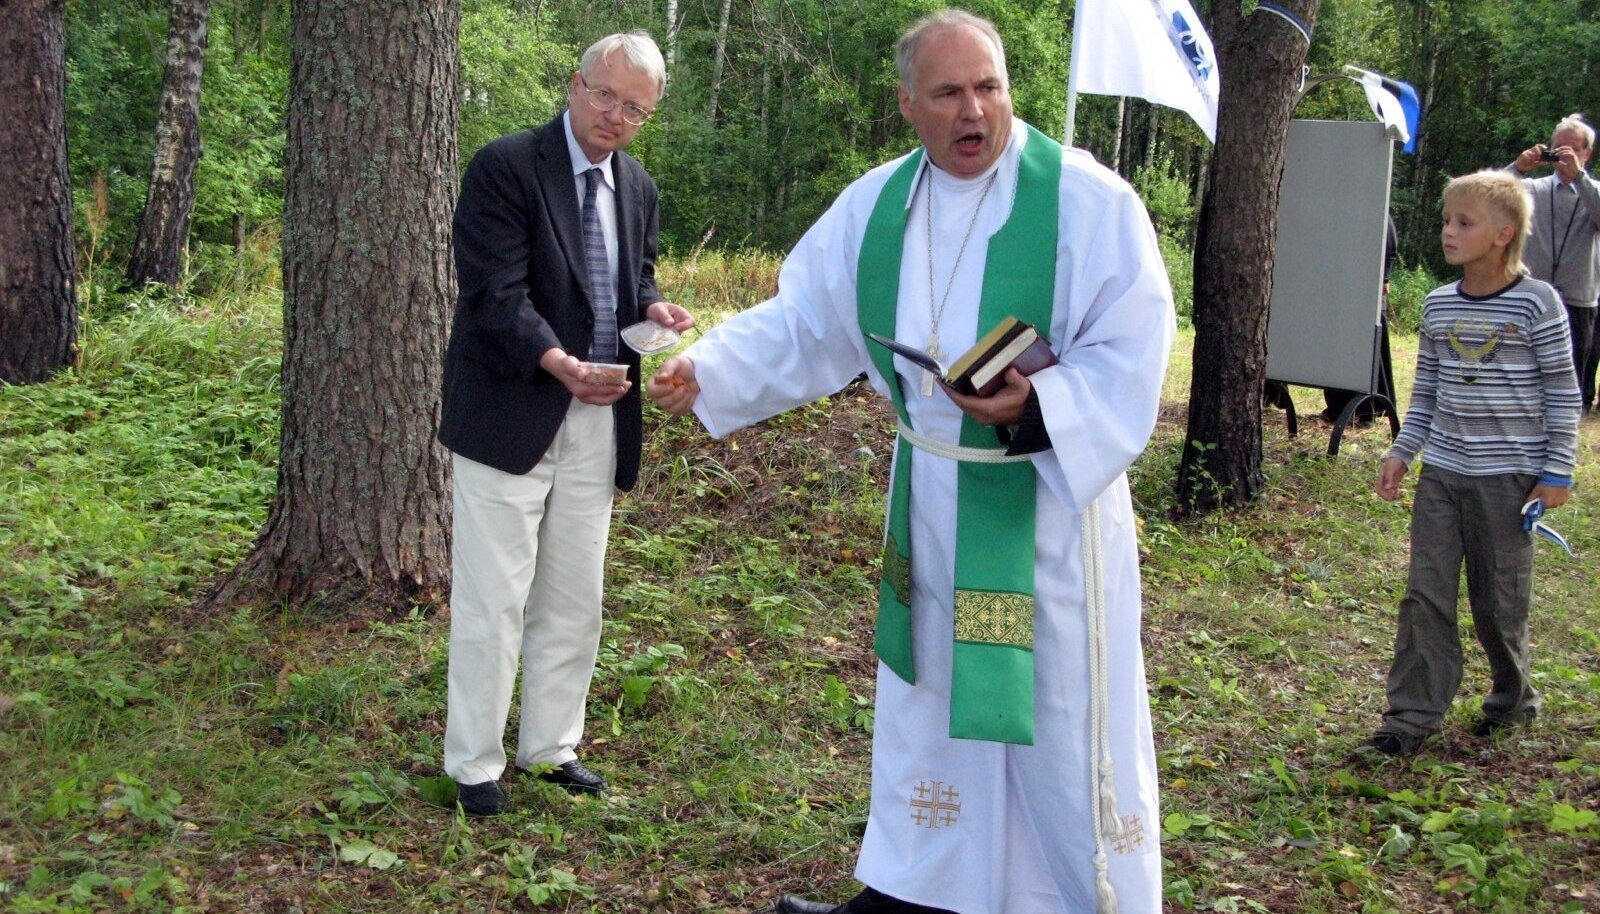 Eestlaste kalmistu Ishutinos, Tveri oblastis. Kalmistul puhkavatele eestlastele tegi pühitsustalituse pastor Eestist Enn Salveste. Peeter Luksep (vasakul) võttis selleks tarbeks Eestist kaasa karbi mullaliivaga.